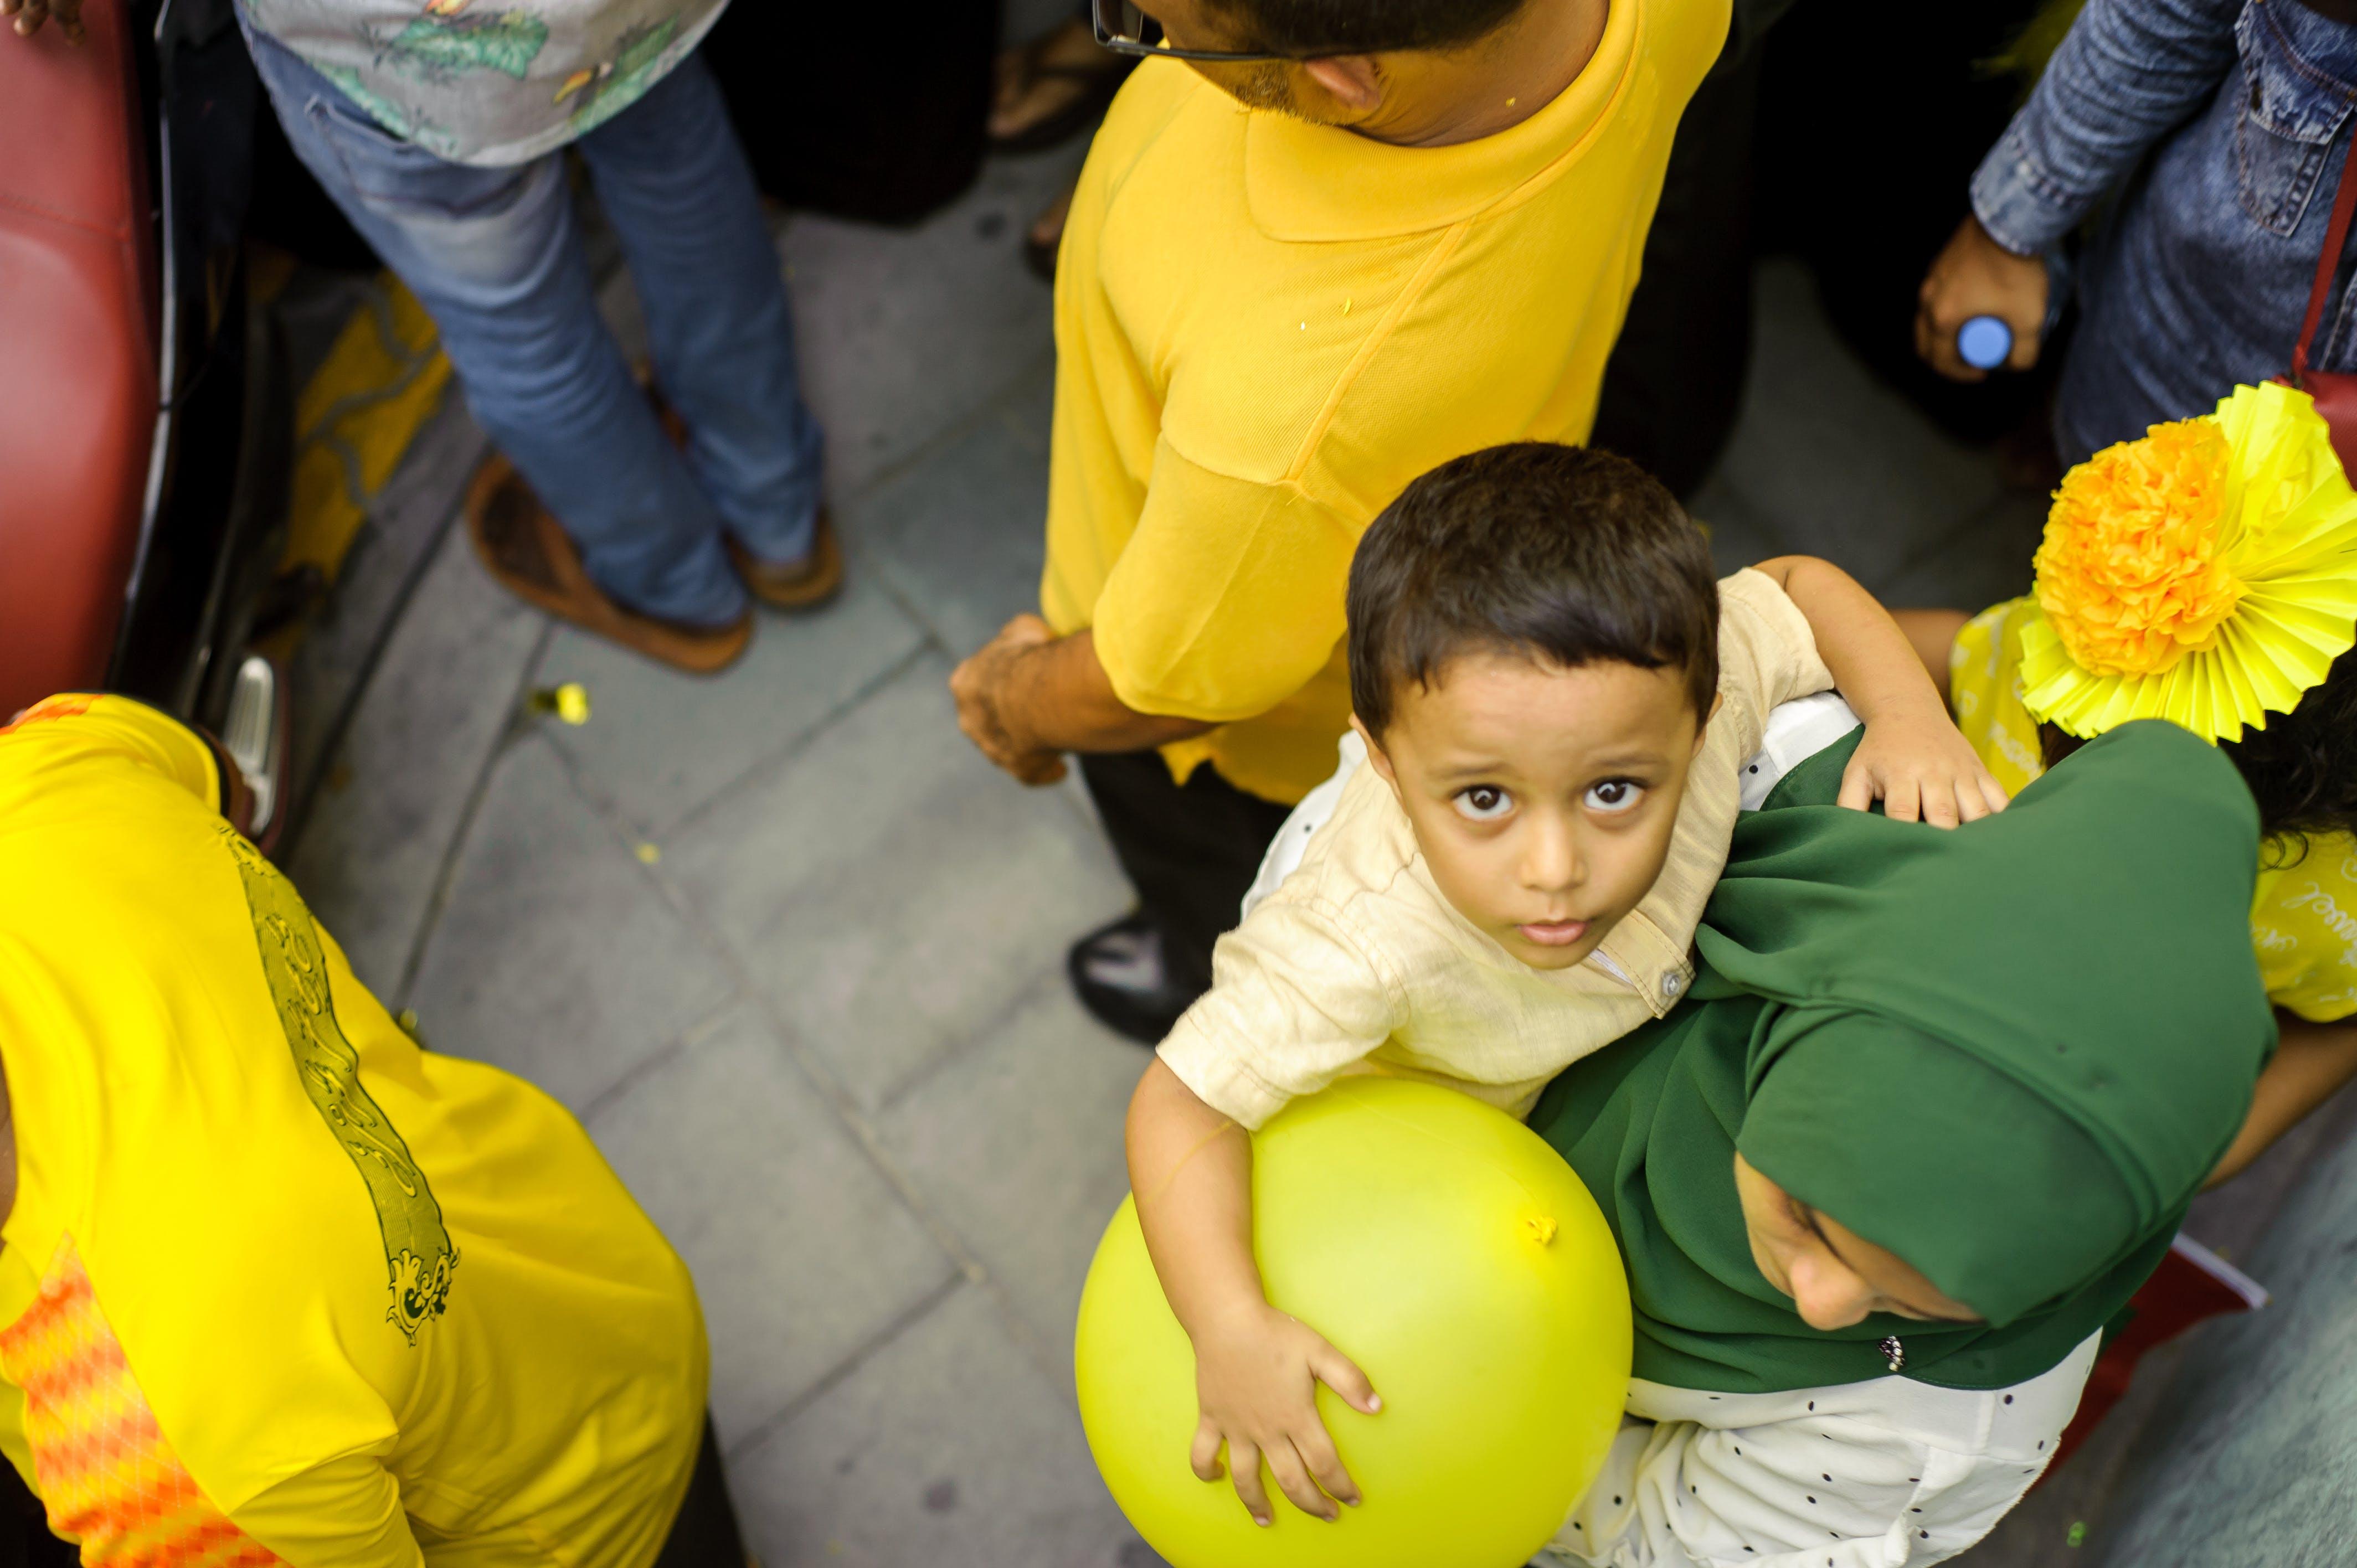 Δωρεάν στοκ φωτογραφιών με αγόρι, Άνθρωποι, γλυκούλι, Μαλδίβες